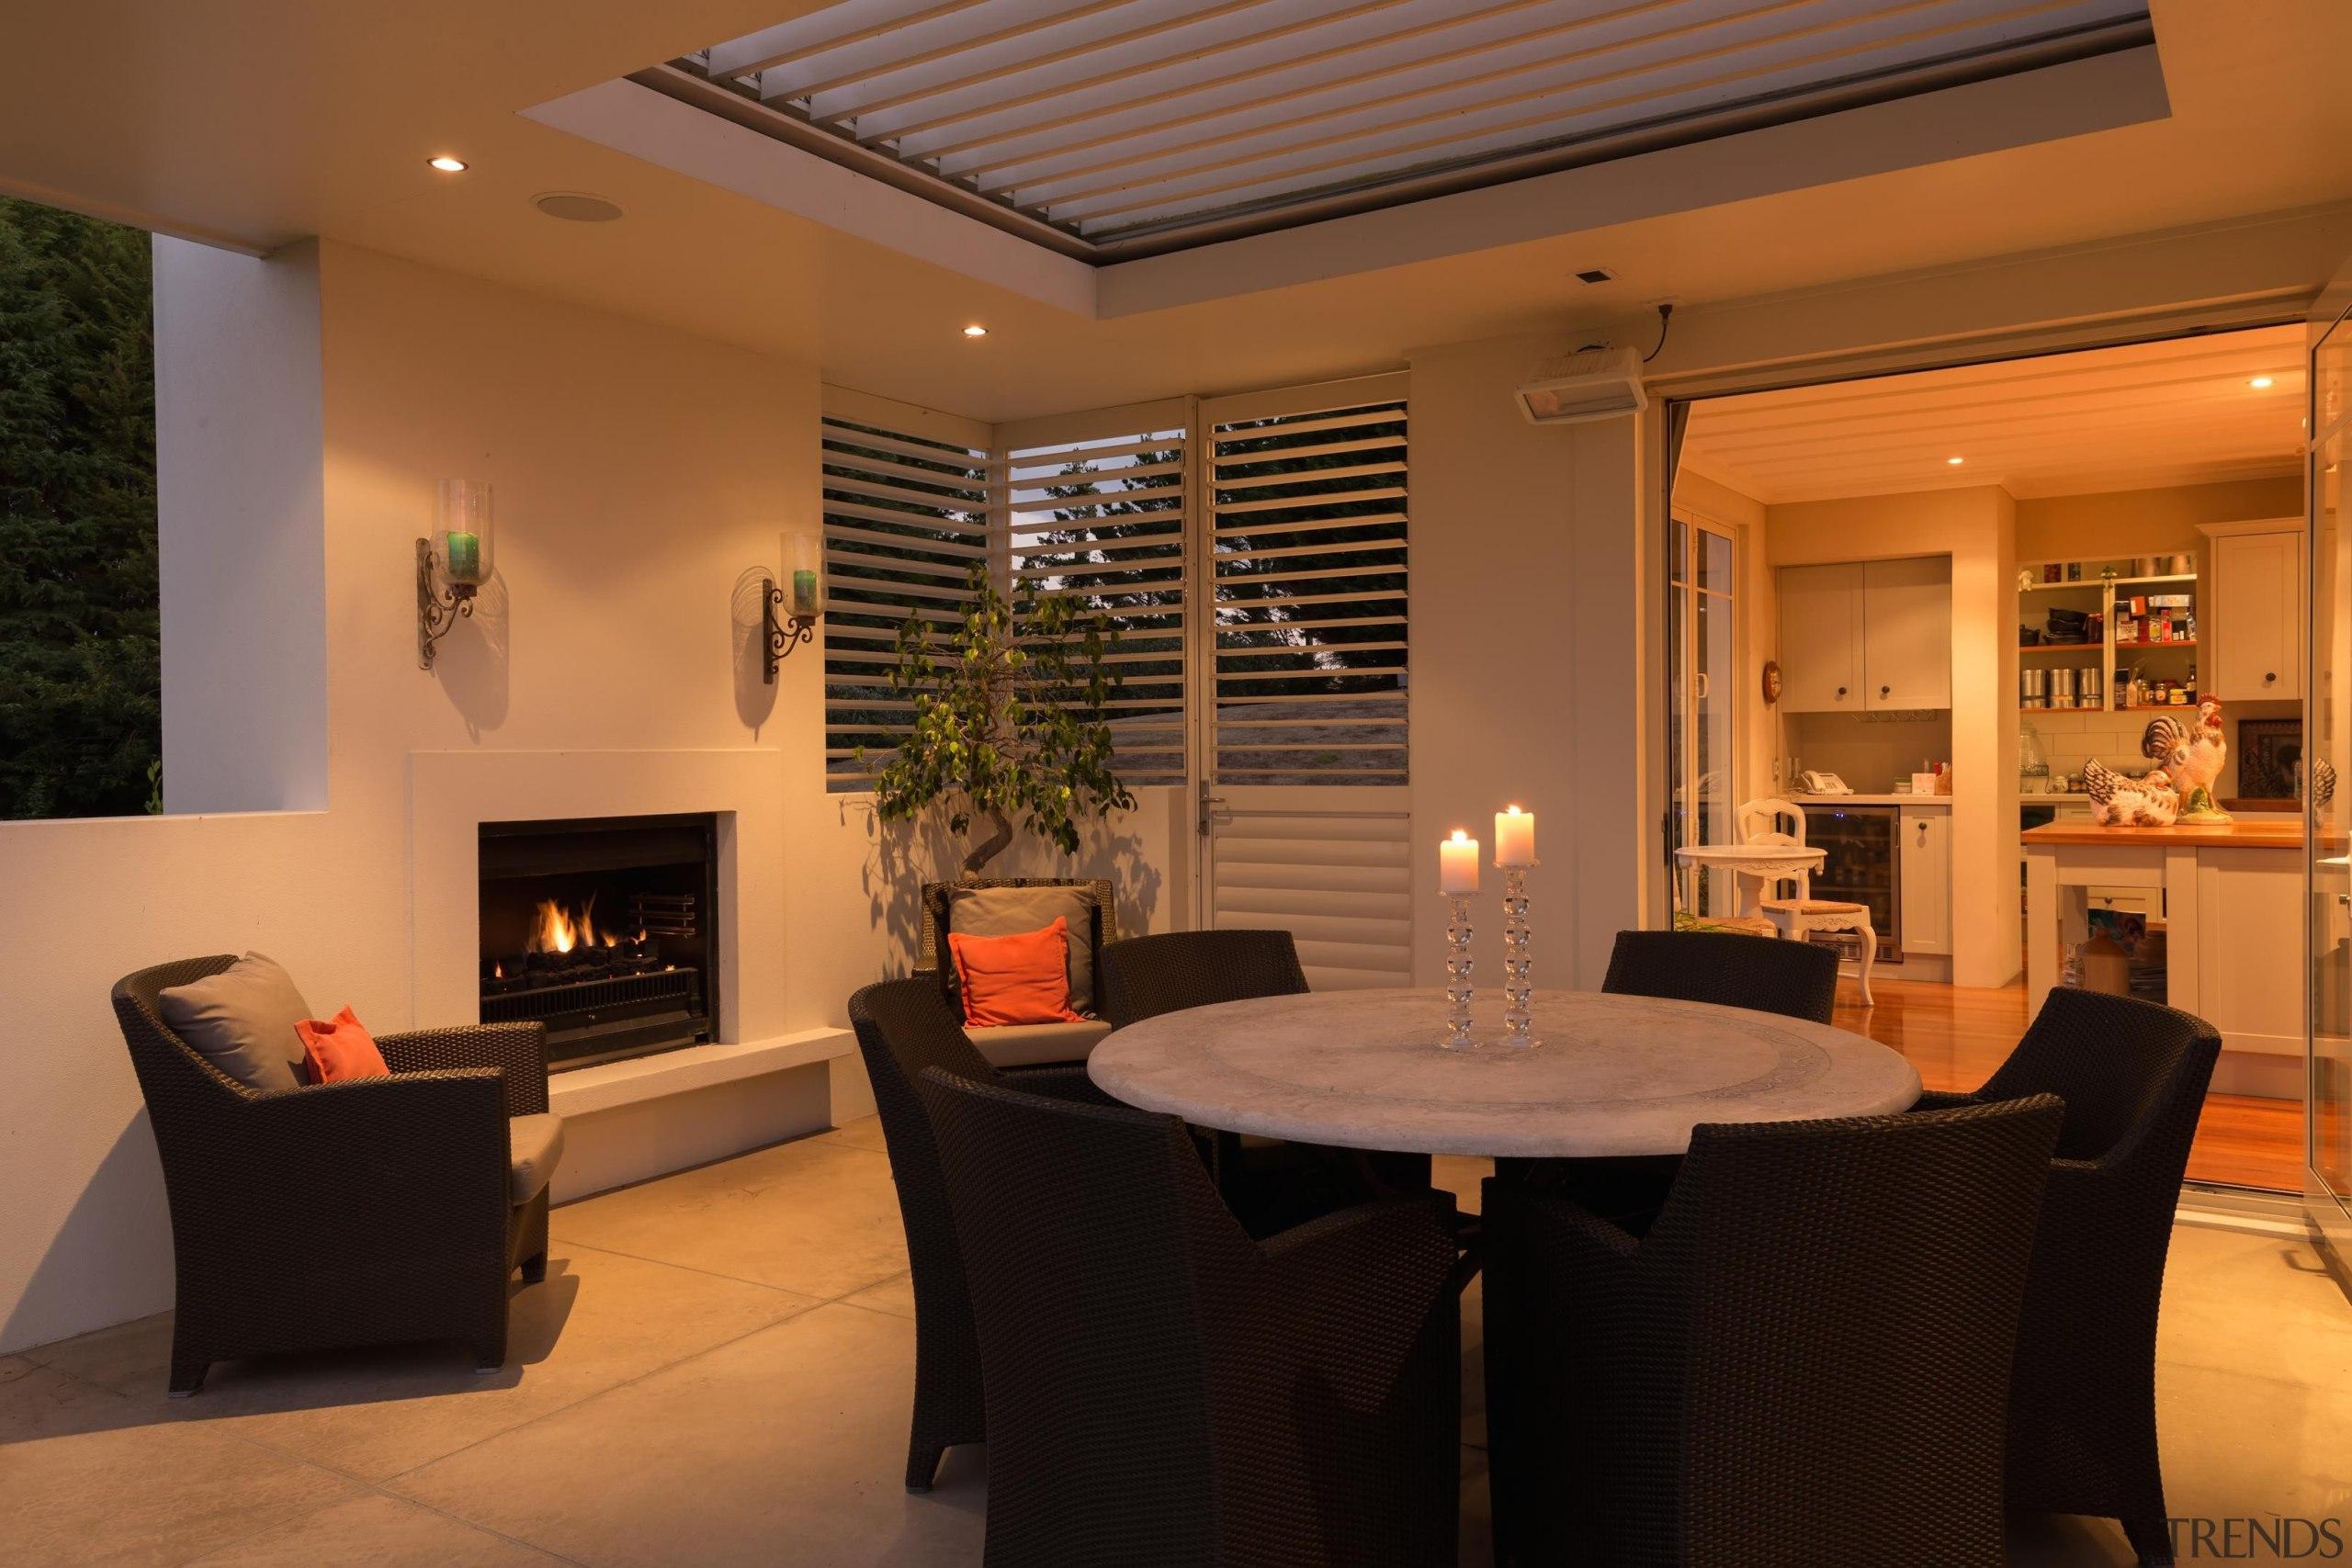 Whitford 2 - estate   home   interior estate, home, interior design, lighting, living room, real estate, room, brown, black